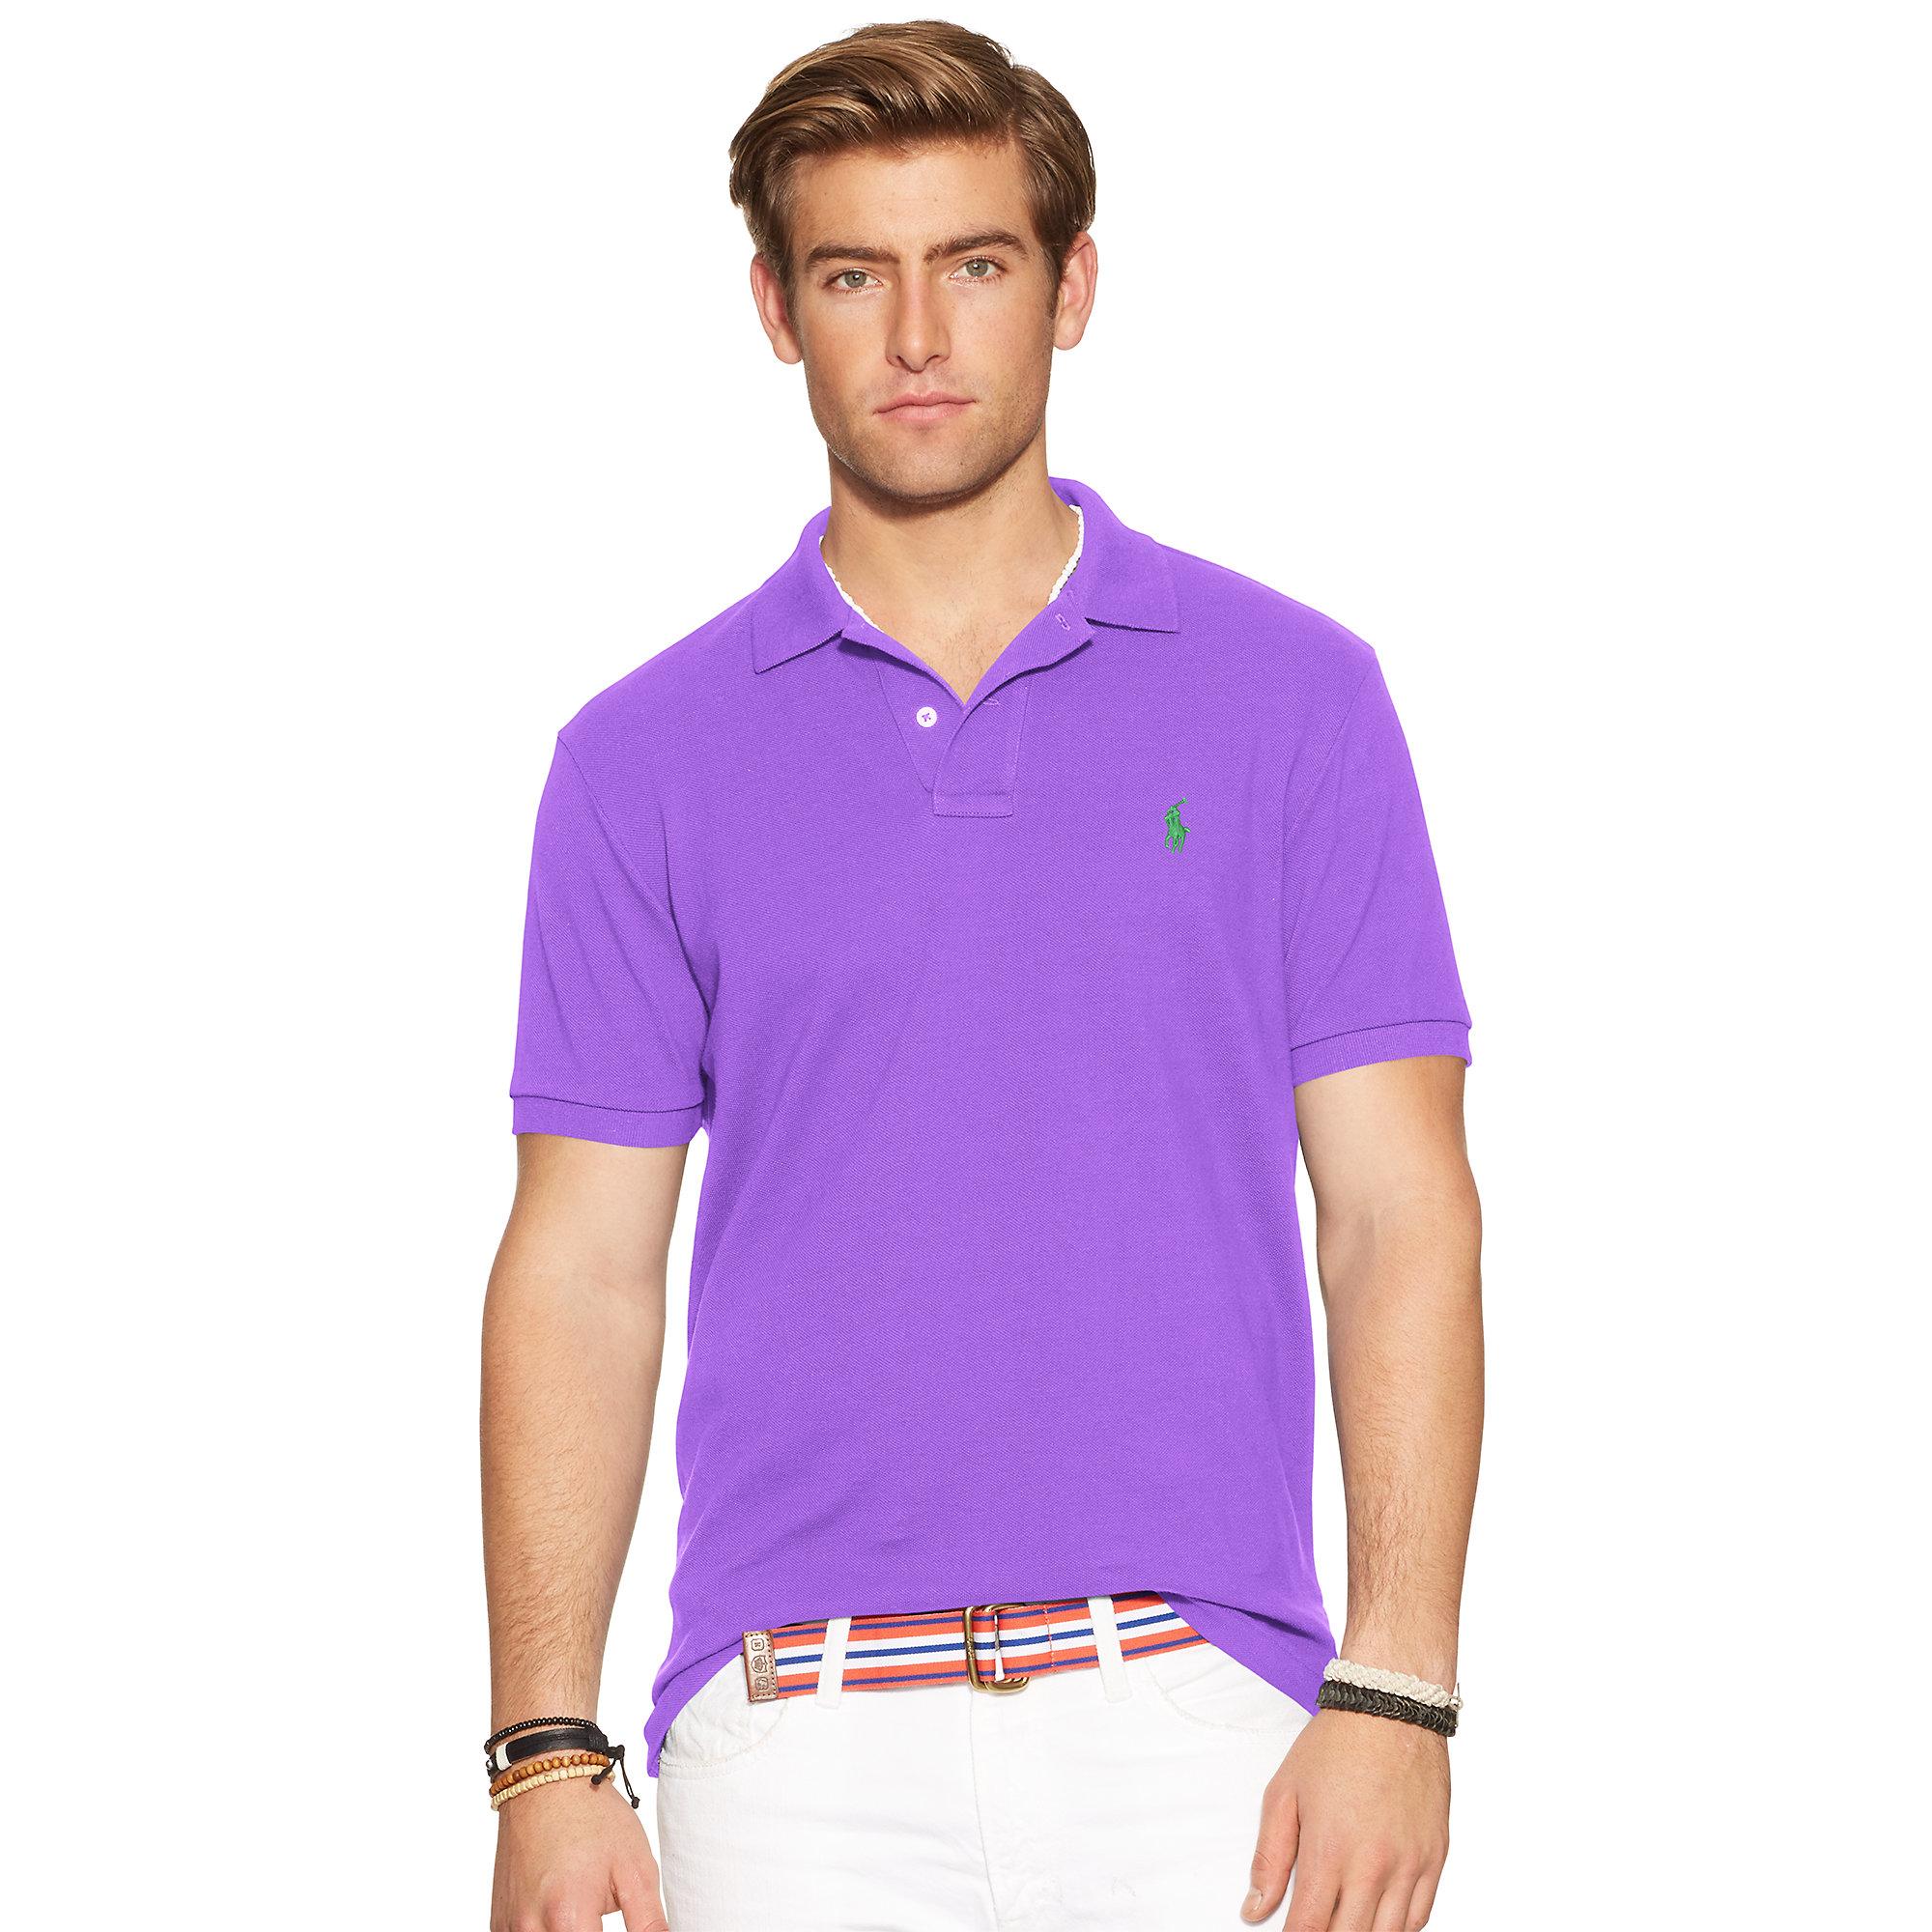 731f17bcf97 ralph lauren t shirt polo ralph lauren technical polo shirt in ...